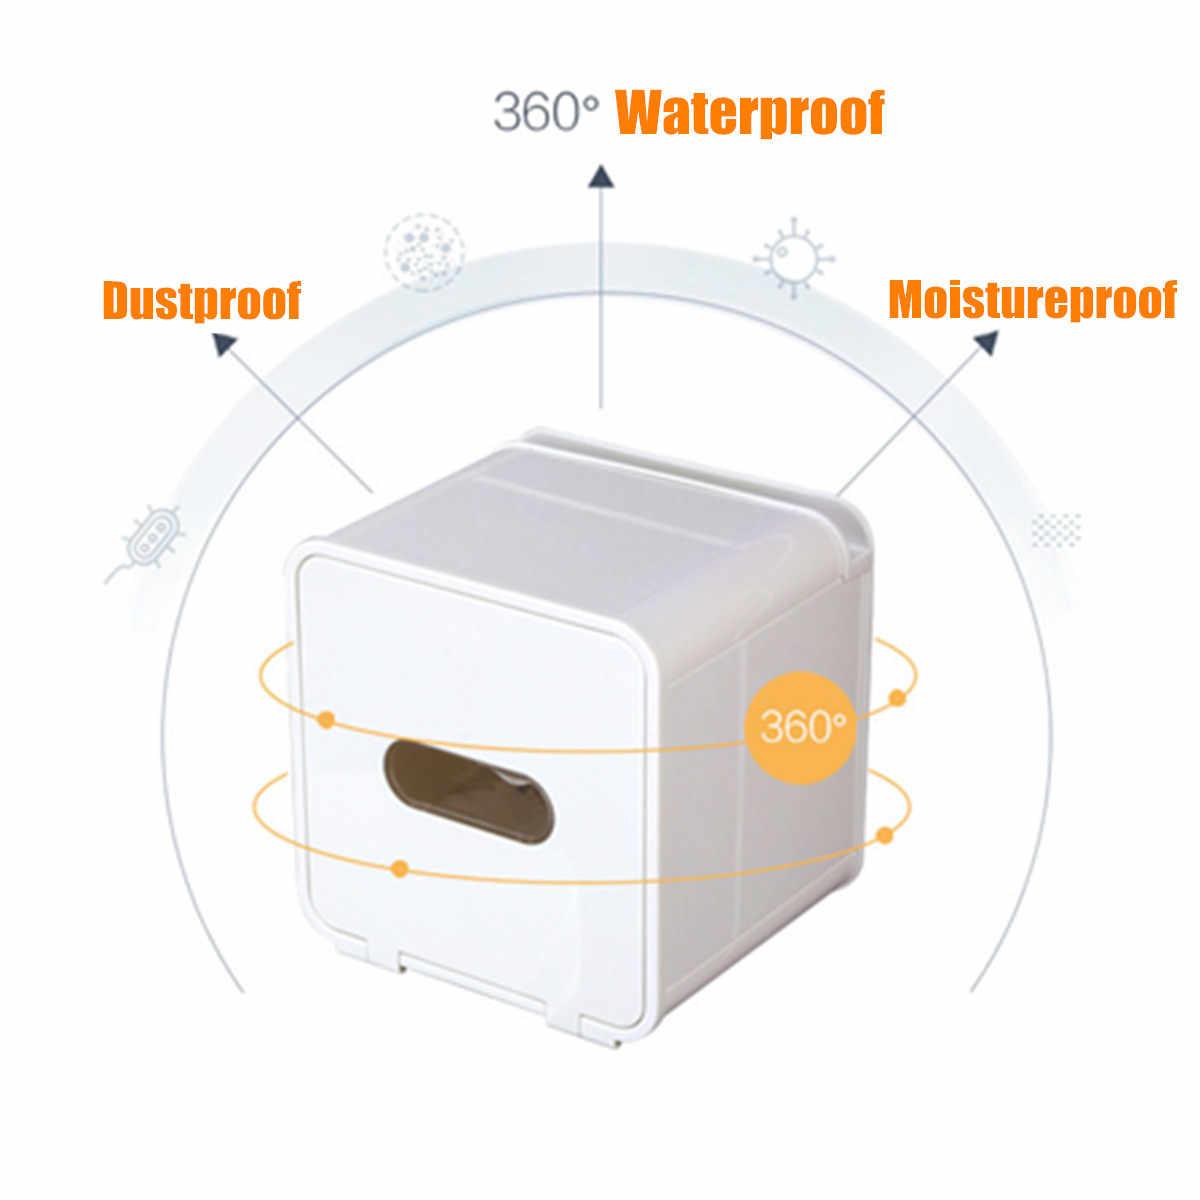 للماء حامل ورق المرحاض جدار جبل المرحاض درج الورق الرف صندوق تخزين ورقي مربع المطبخ الحمام مناديل حمام حامل